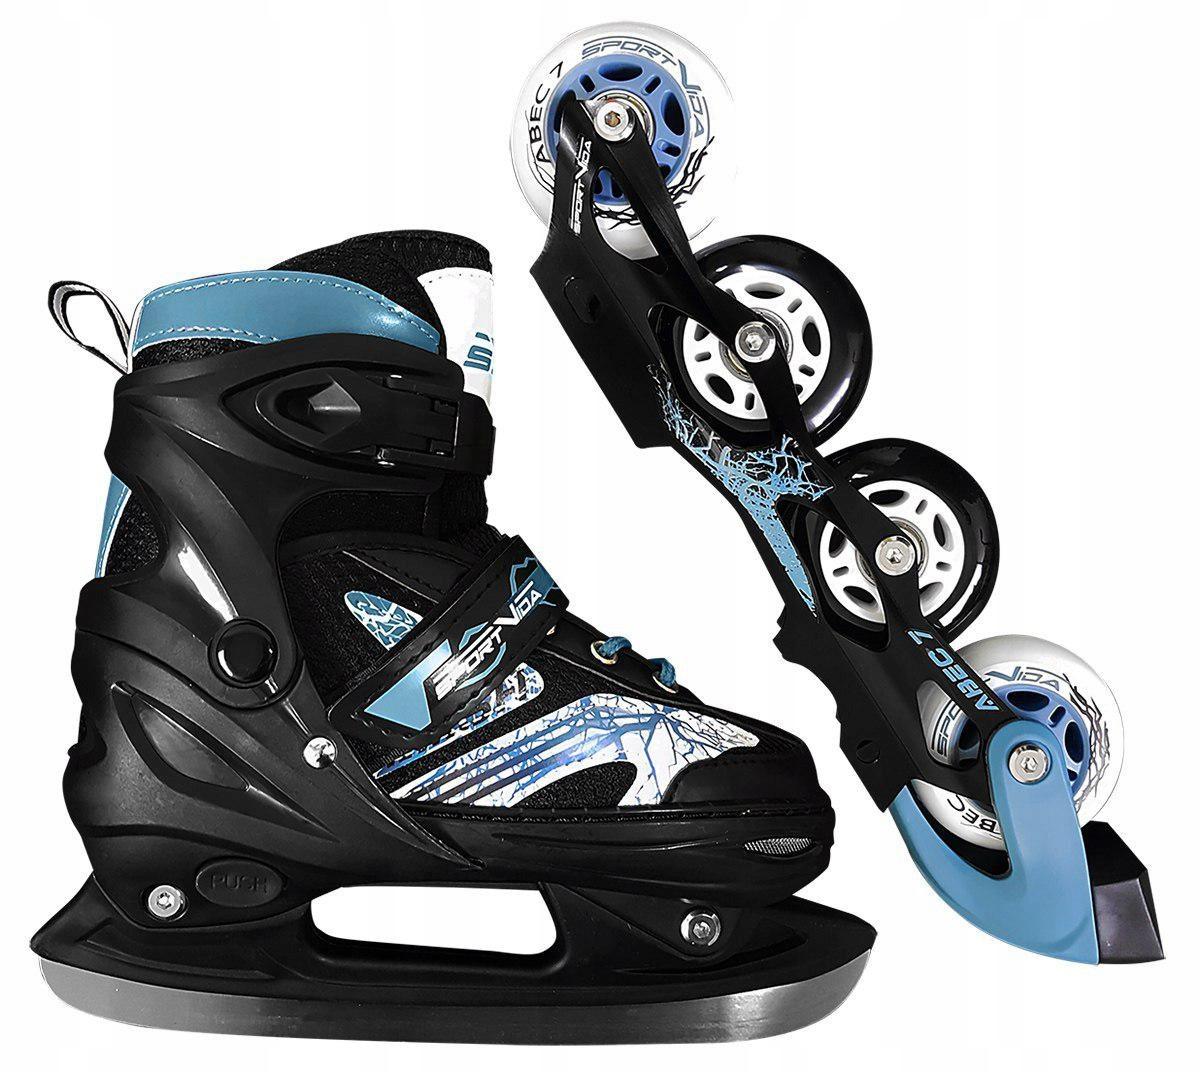 Роликовые коньки детские SportVida 4 в 1 SV-LG0019 размер 31-34 Black/Blue. Ролики для детей